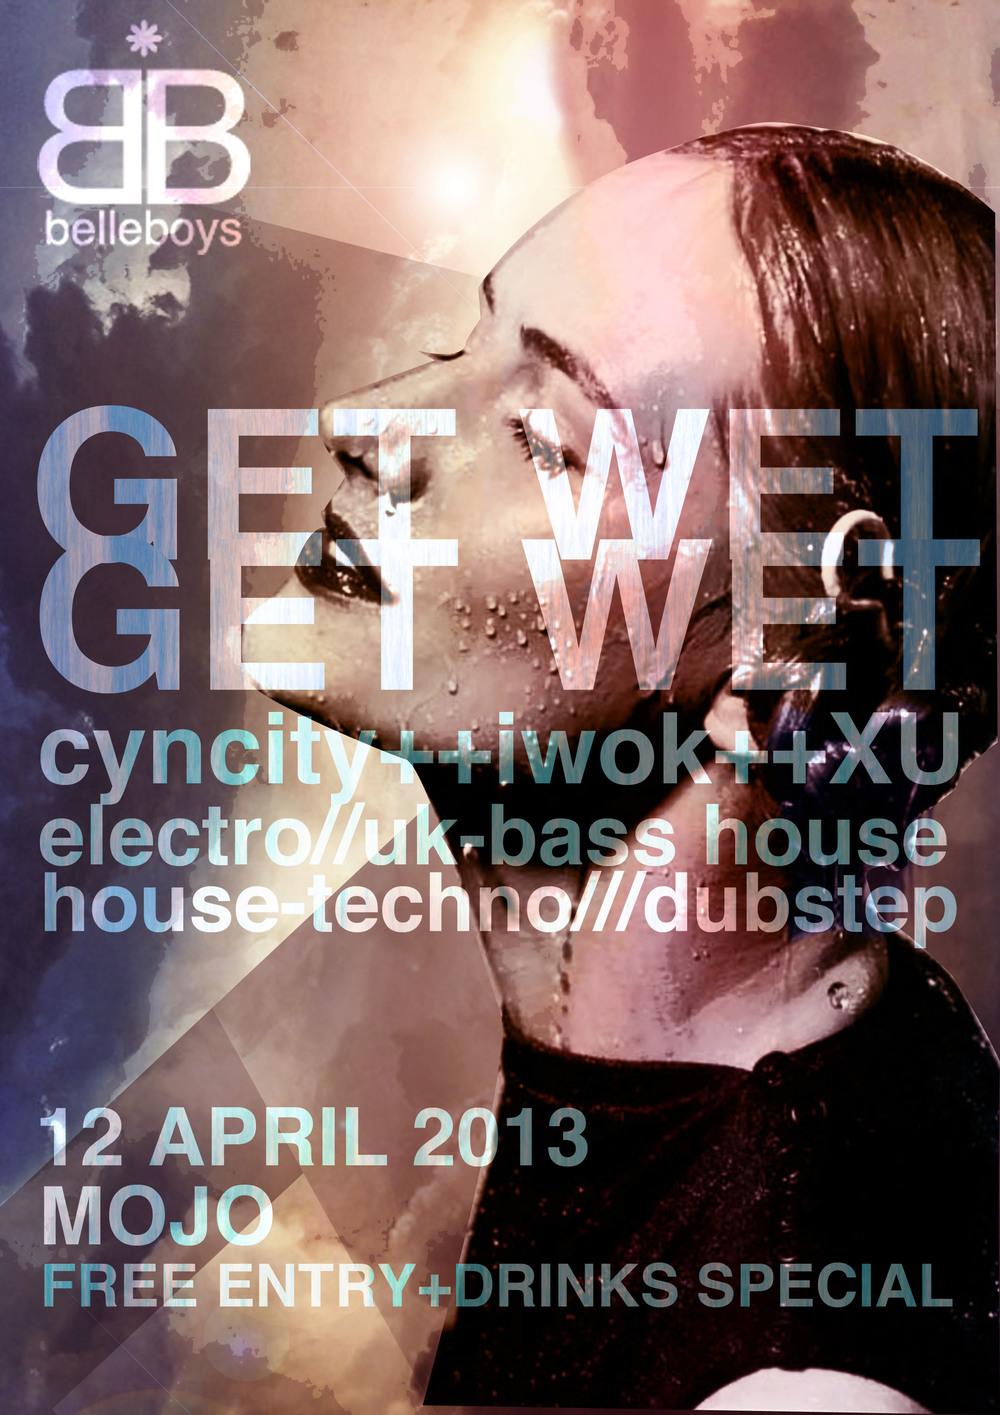 Belleboys: Get Wet